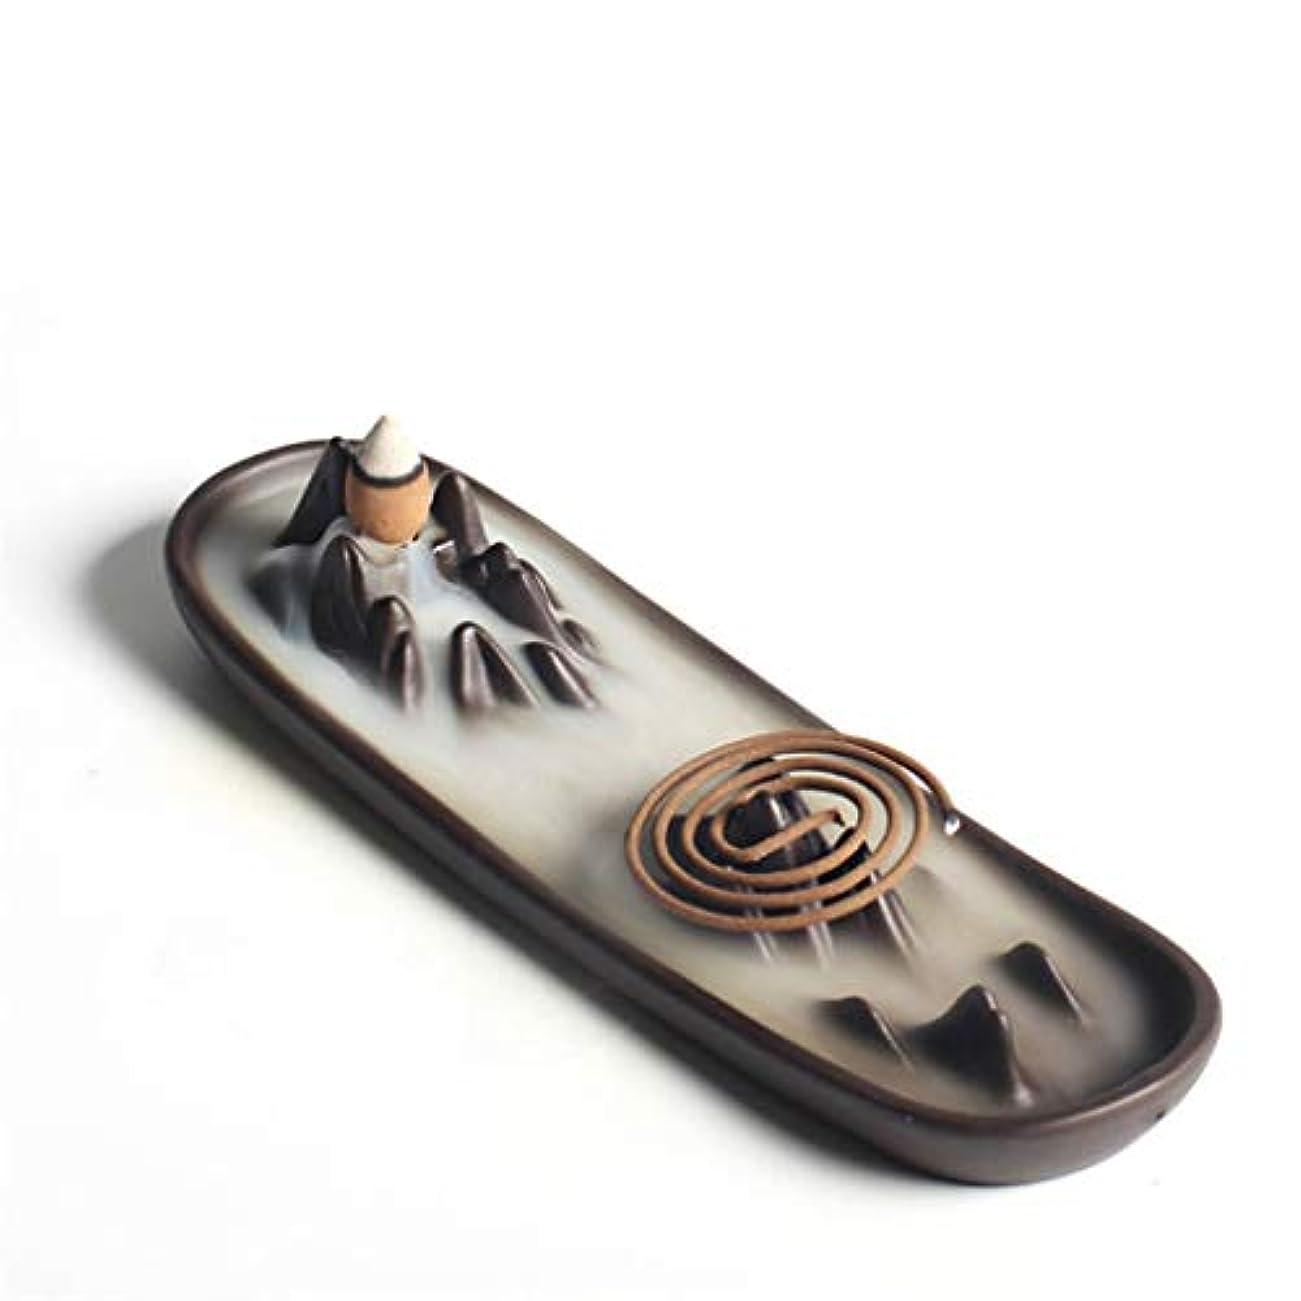 学んだ砂のバン芳香器?アロマバーナー 逆流香バーナー家の装飾セラミックアロマセラピー仏教の滝香炉香コイルスティックホルダー アロマバーナー芳香器 (Color : A)